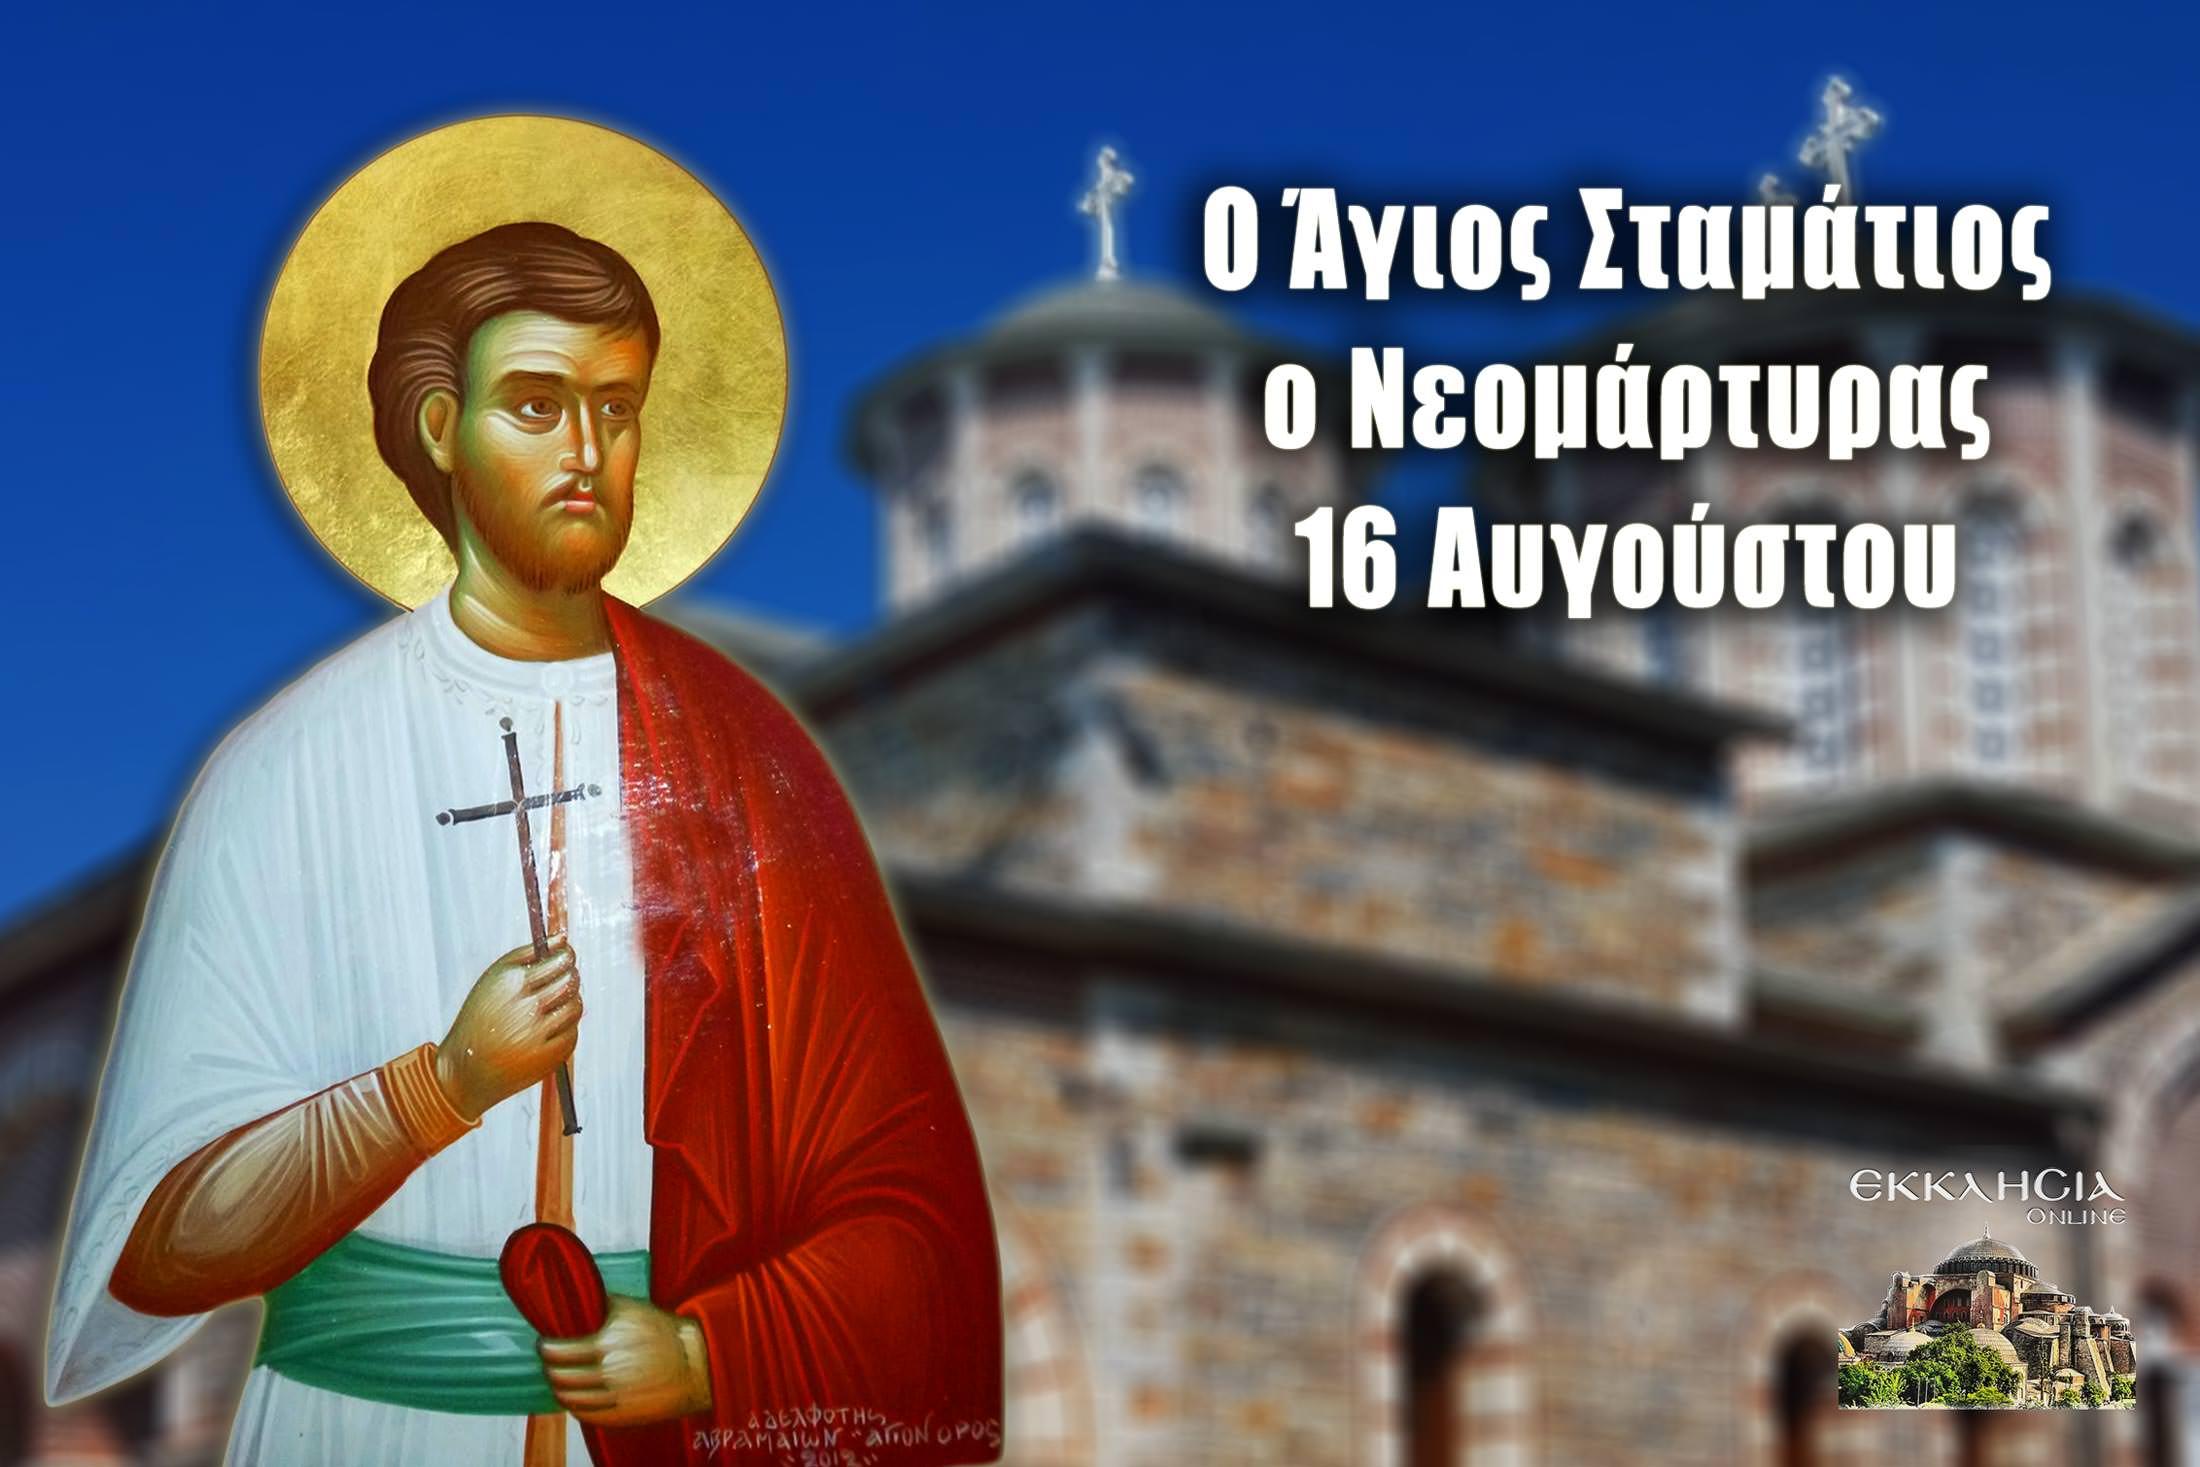 Άγιος Σταμάτιος ο Νεομάρτυρας Βόλου 16 Αυγούστου